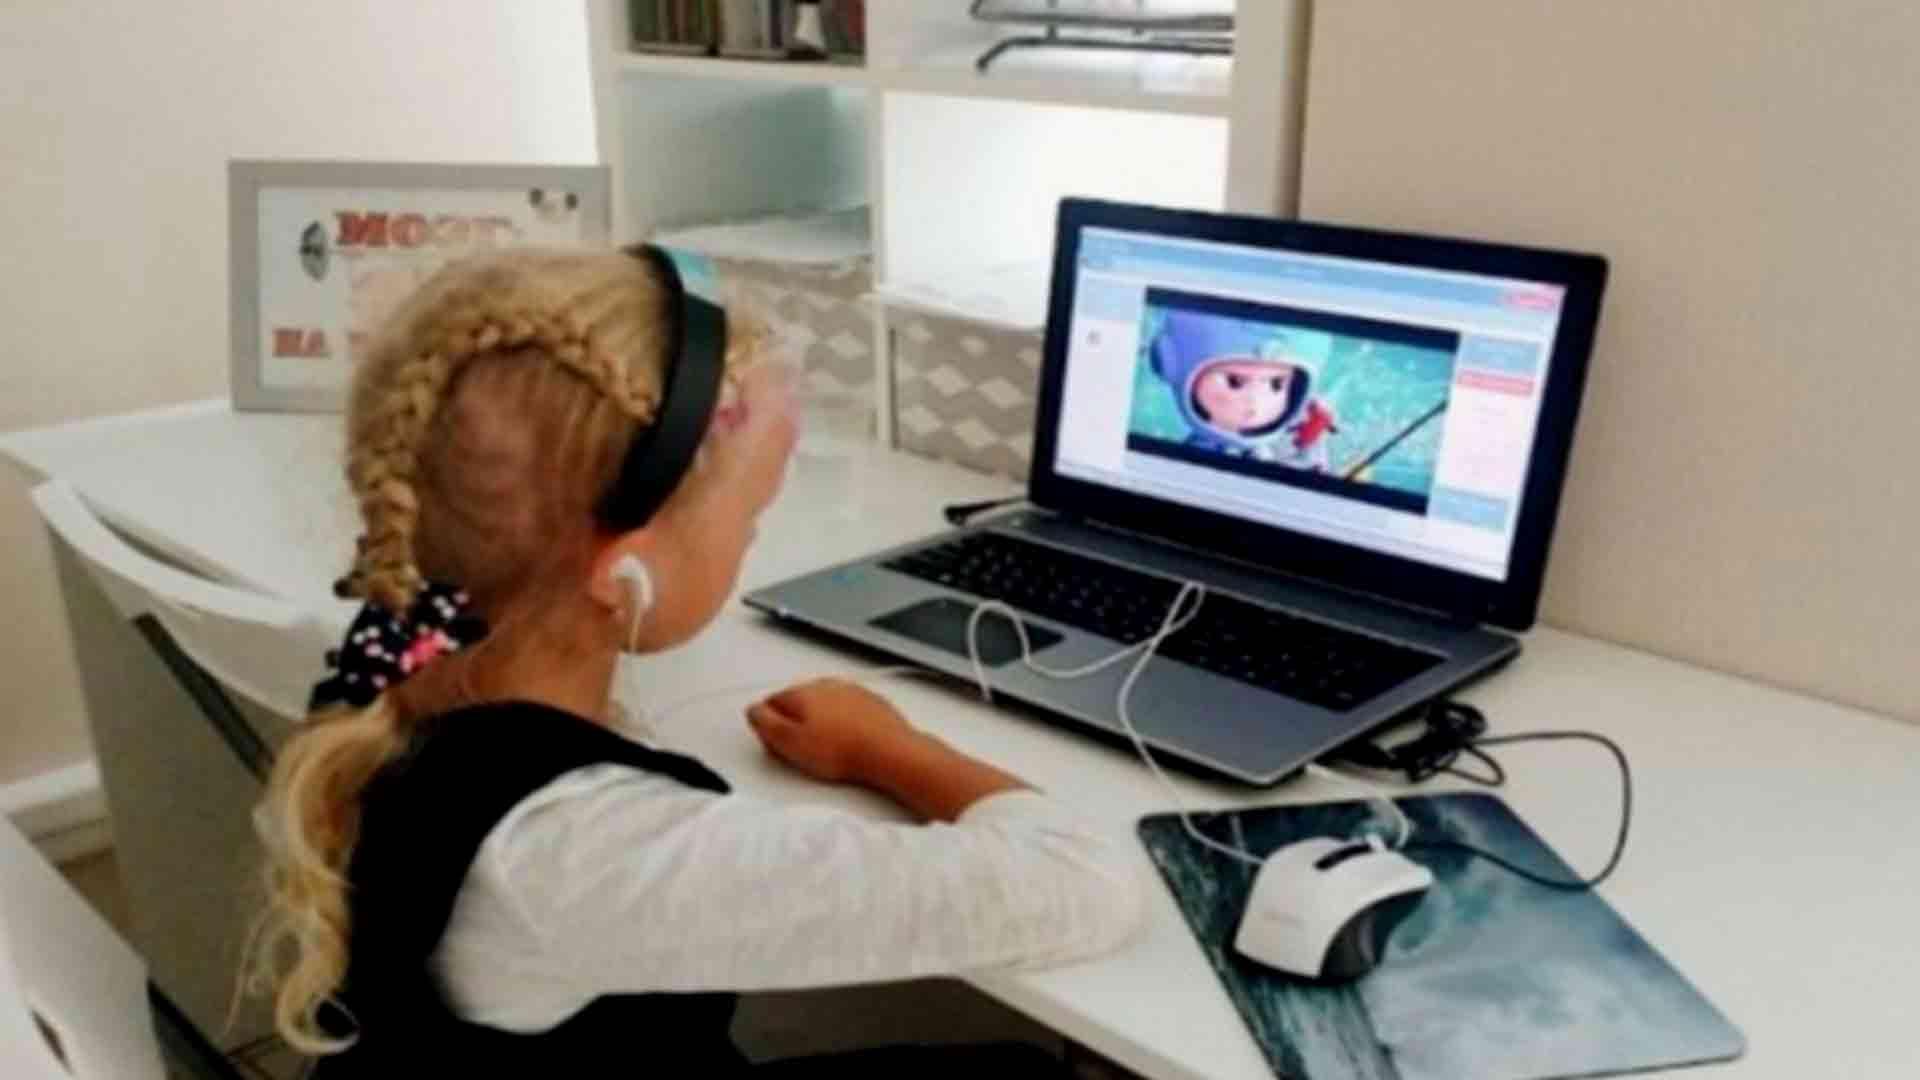 Best Laptop for Neurofeedback